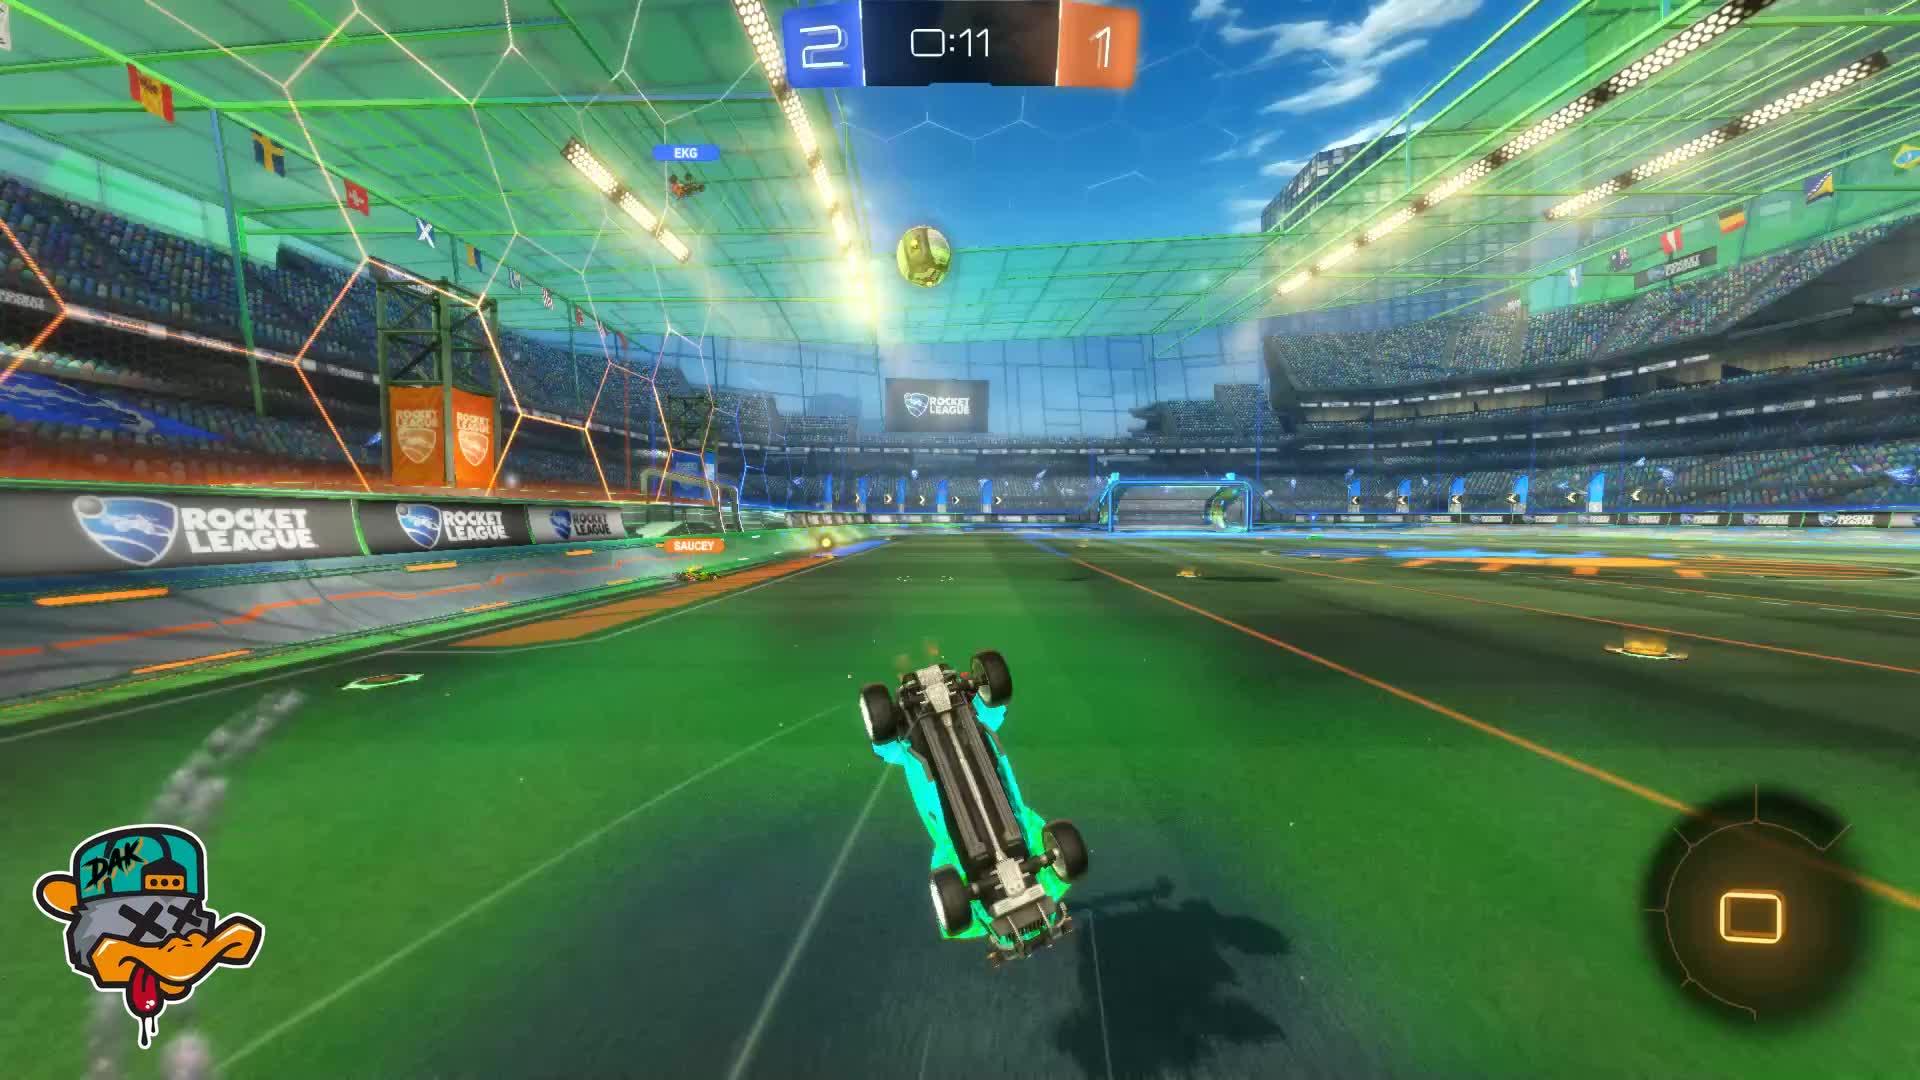 Gif Your Game, GifYourGame, Goal, Rocket League, RocketLeague, dak, Goal 4: dak GIFs